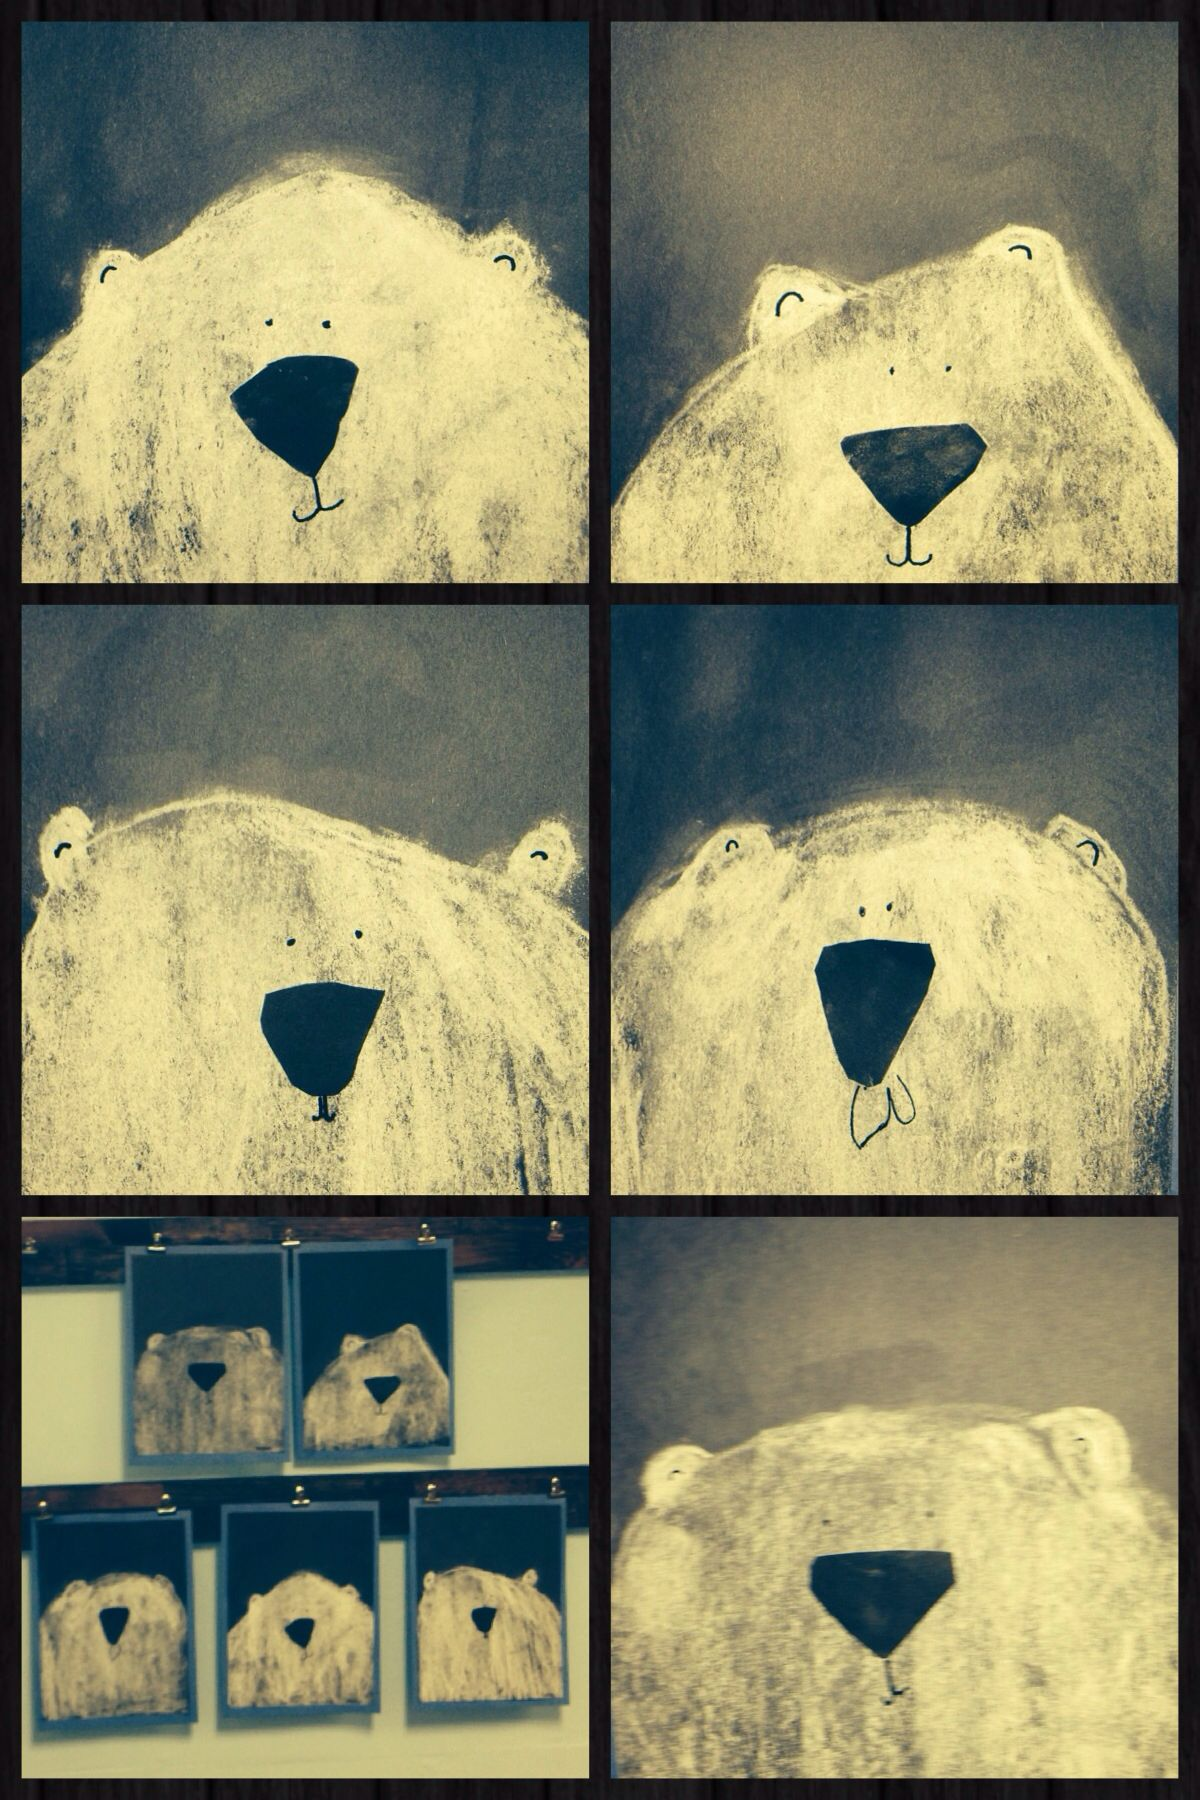 Eisbären Kreide | Äisbär | Pinterest | Klassenraum, Marker und ...